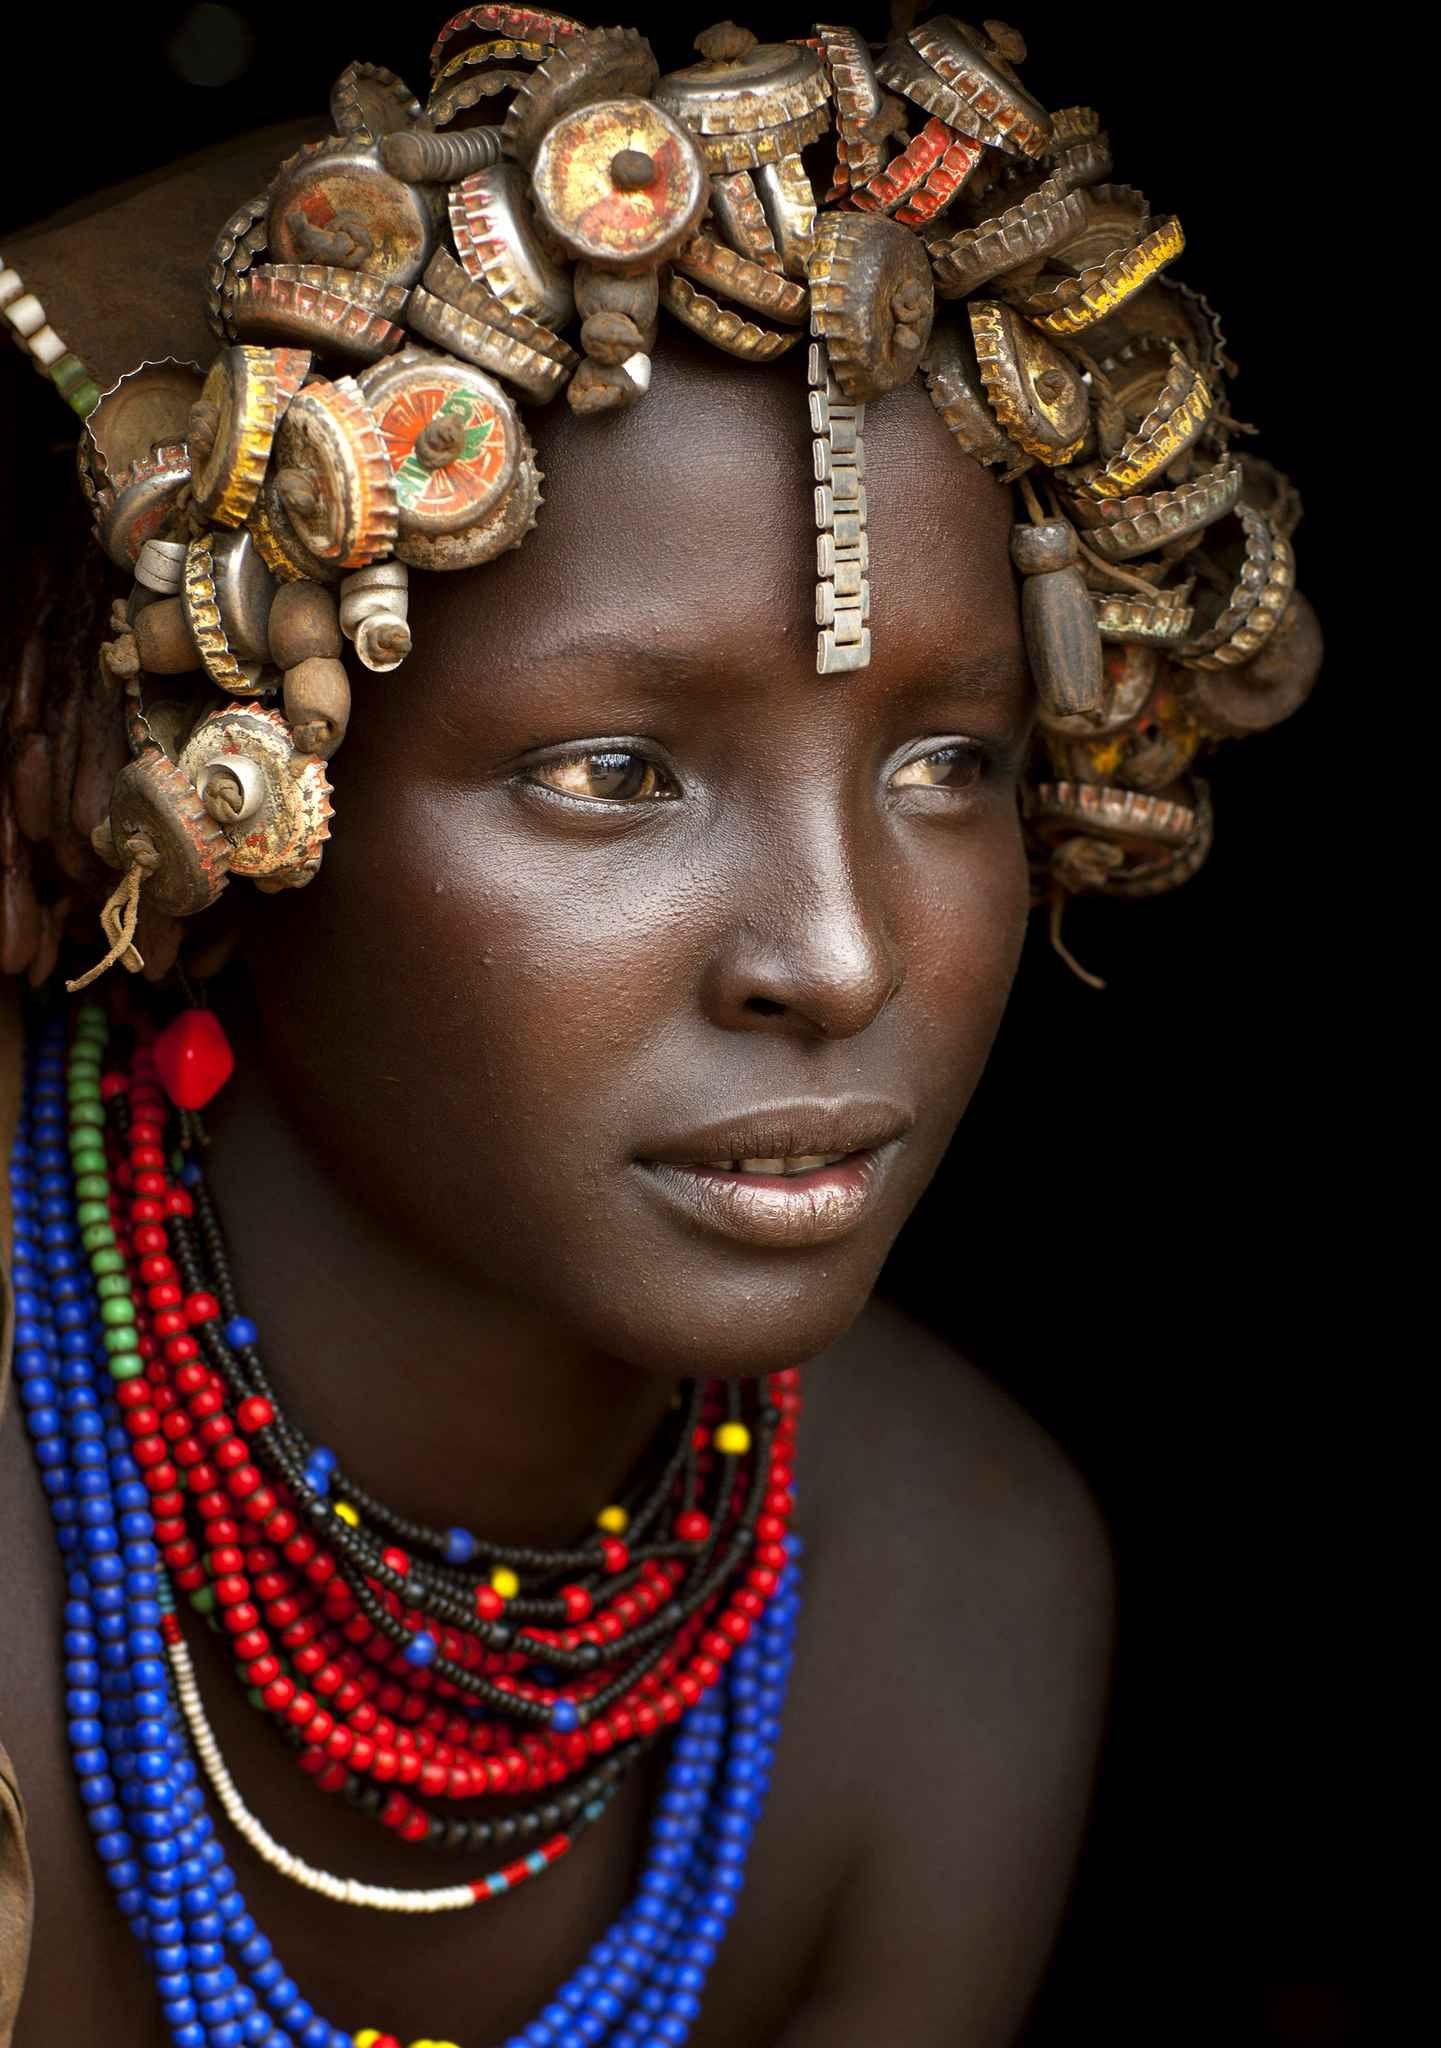 une jeune femme de l 39 ethnie dassanech avec une coiffe en. Black Bedroom Furniture Sets. Home Design Ideas